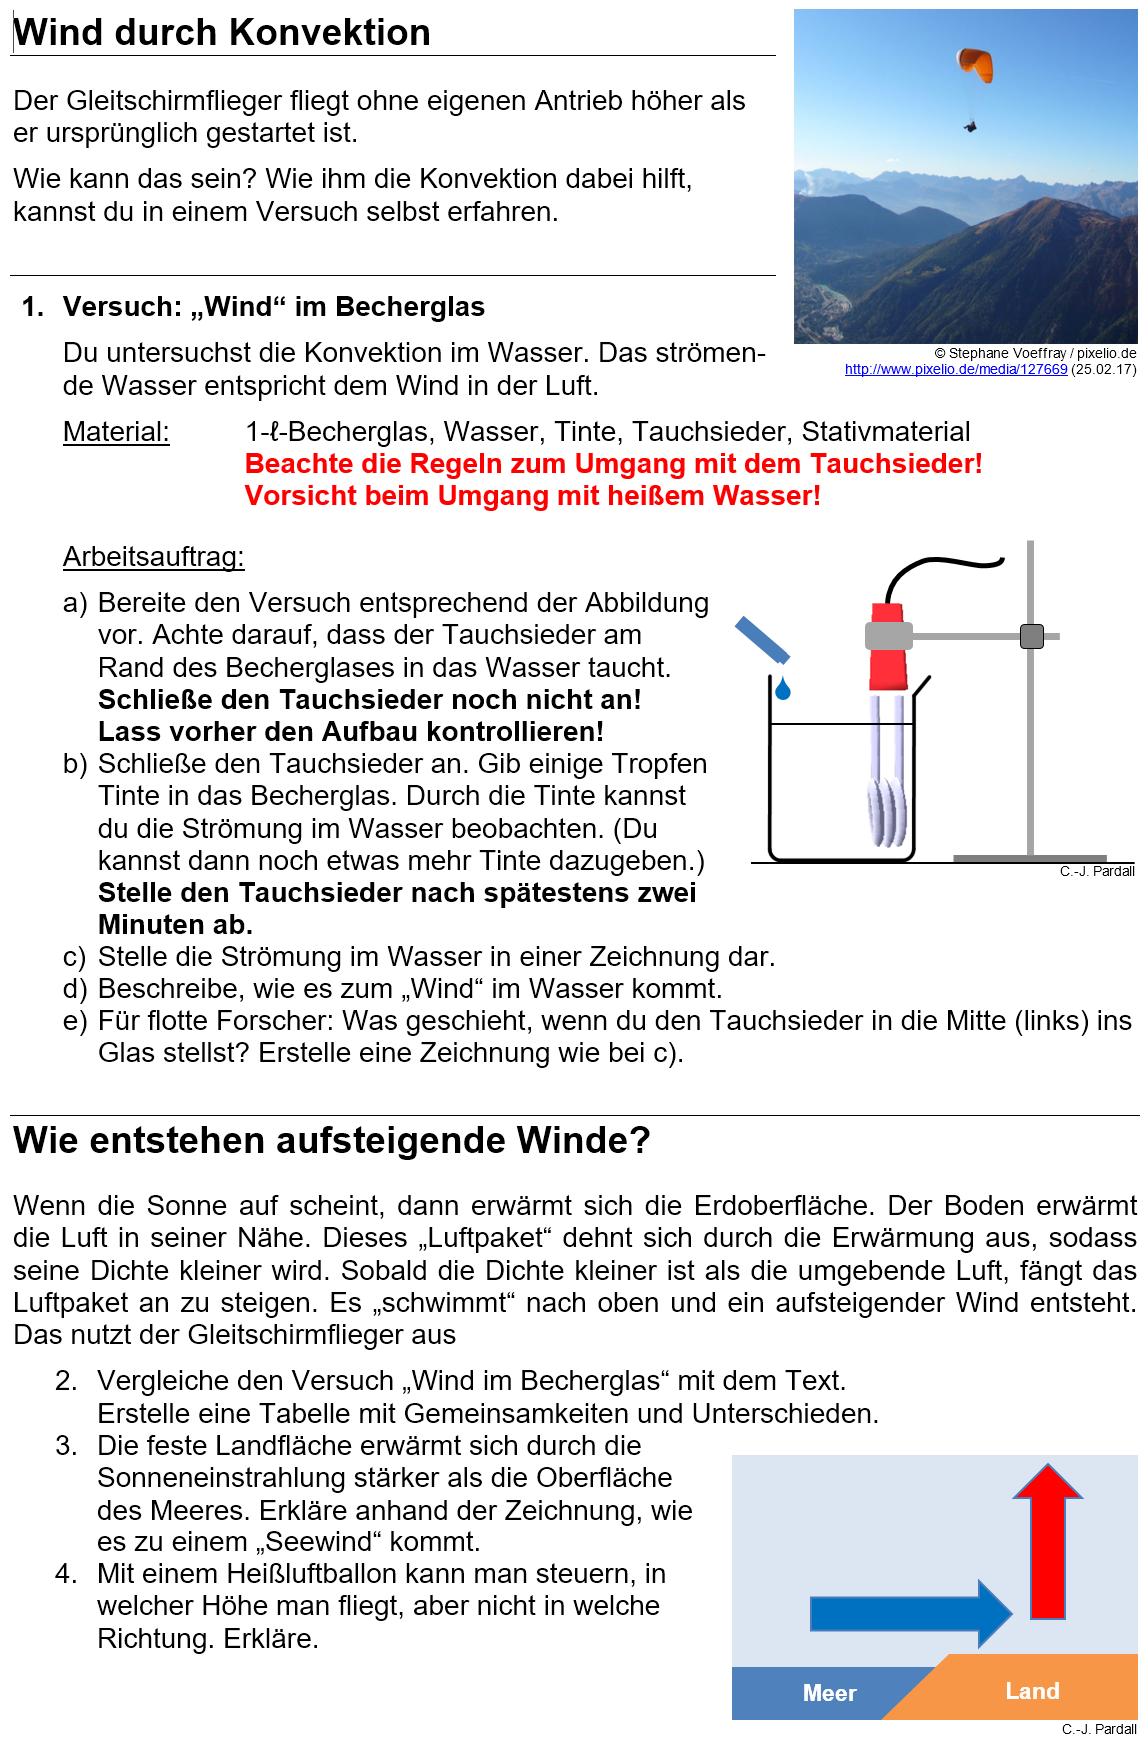 Exelent Vergleichen Und Texte Arbeitsblatt Gallery - Kindergarten ...